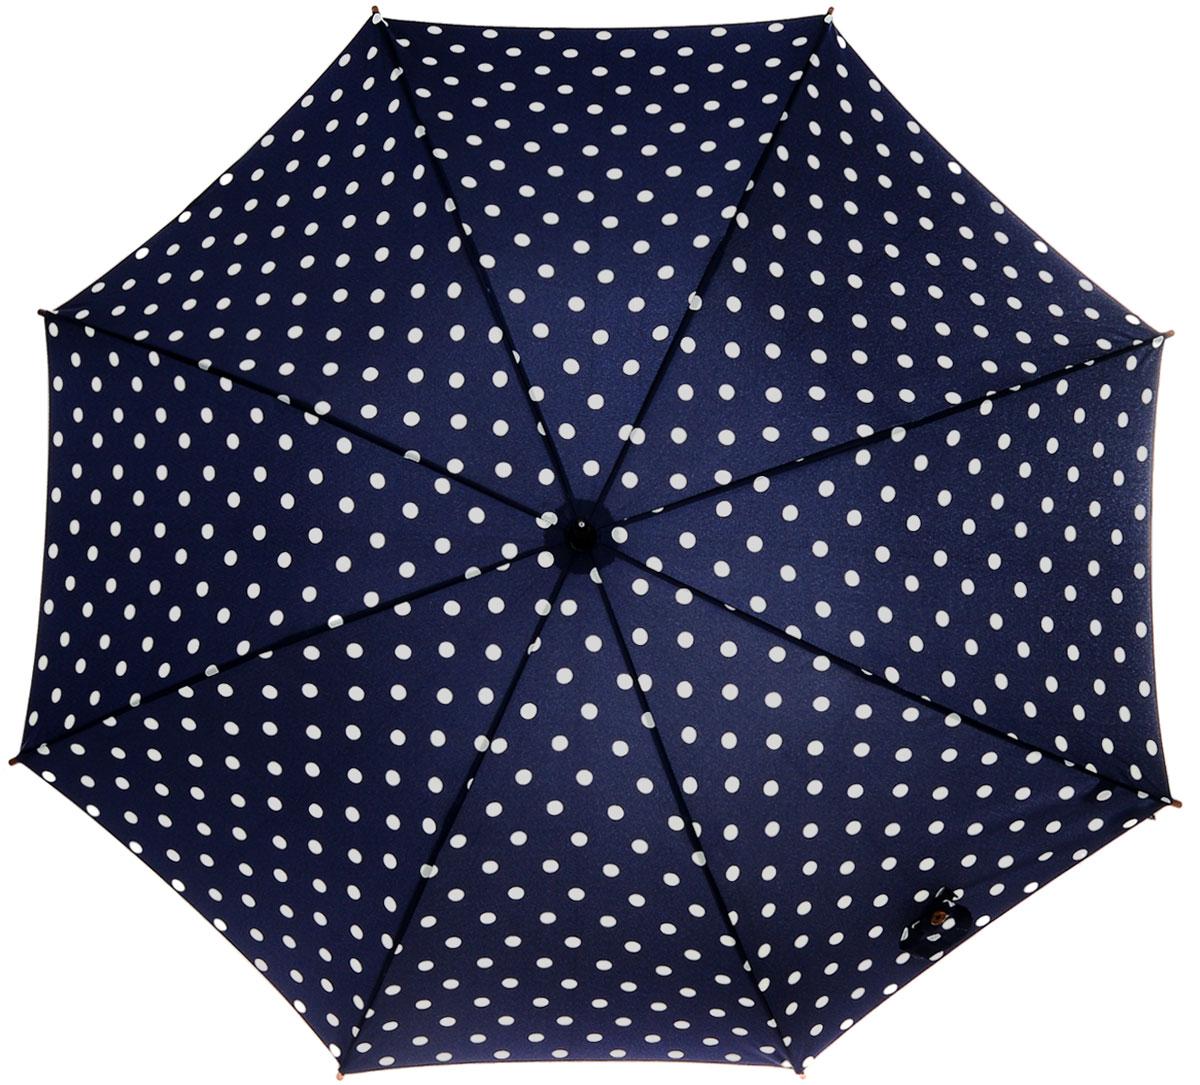 Зонт-трость женский Spot Navy, механический, цвет: синий, белыйL541 3F2654Стильный механический зонт-трость Spot Navy даже в ненастную погоду позволит вам оставаться элегантной. Облегченный каркас зонта выполнен из 8 спиц из фибергласса, стержень изготовлен из дерева. Купол зонта выполнен из прочного полиэстера и оформлен принтом в горошек. Рукоятка закругленной формы разработана с учетом требований эргономики и выполнена из дерева. Зонт имеет механический тип сложения: купол открывается и закрывается вручную до характерного щелчка. Такой зонт не только надежно защитит вас от дождя, но и станет стильным аксессуаром. Характеристики: Материал: полиэстер, фибергласс, дерево. Диаметр купола: 100 см. Цвет: синий, белый. Длина стержня зонта: 76 см. Длина зонта (в сложенном виде): 88 см. Вес: 375 г. Артикул: L541 3F2654.